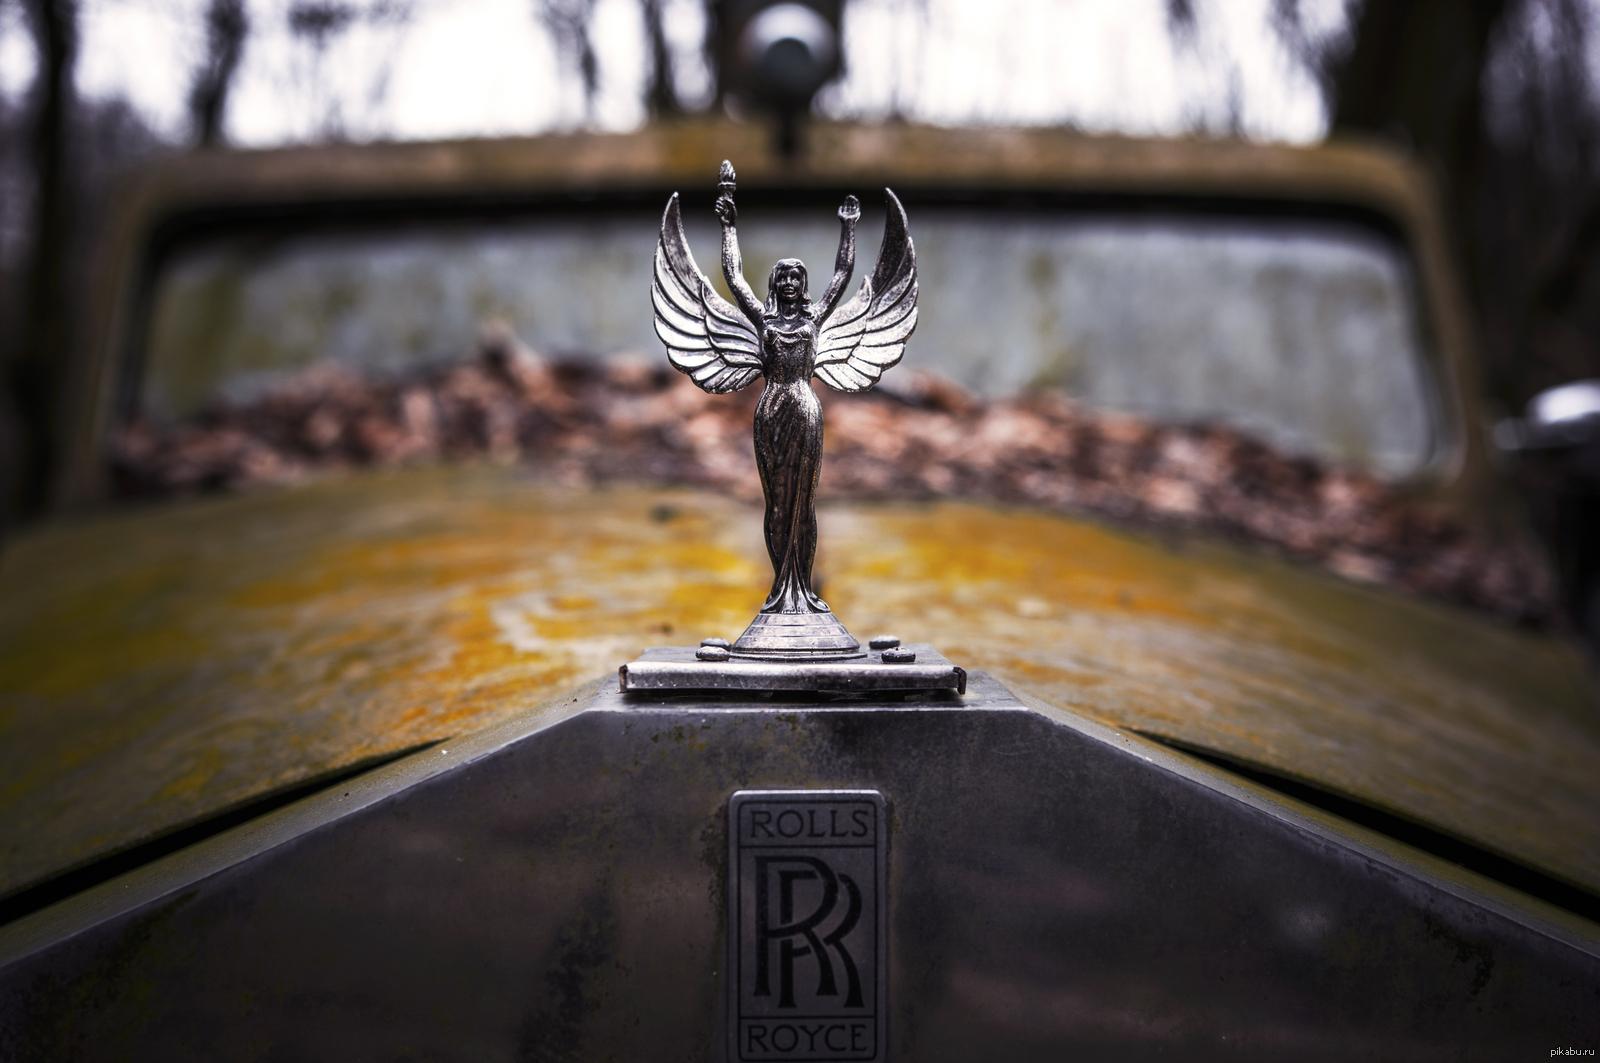 rolls royce logo - HD3840×2400